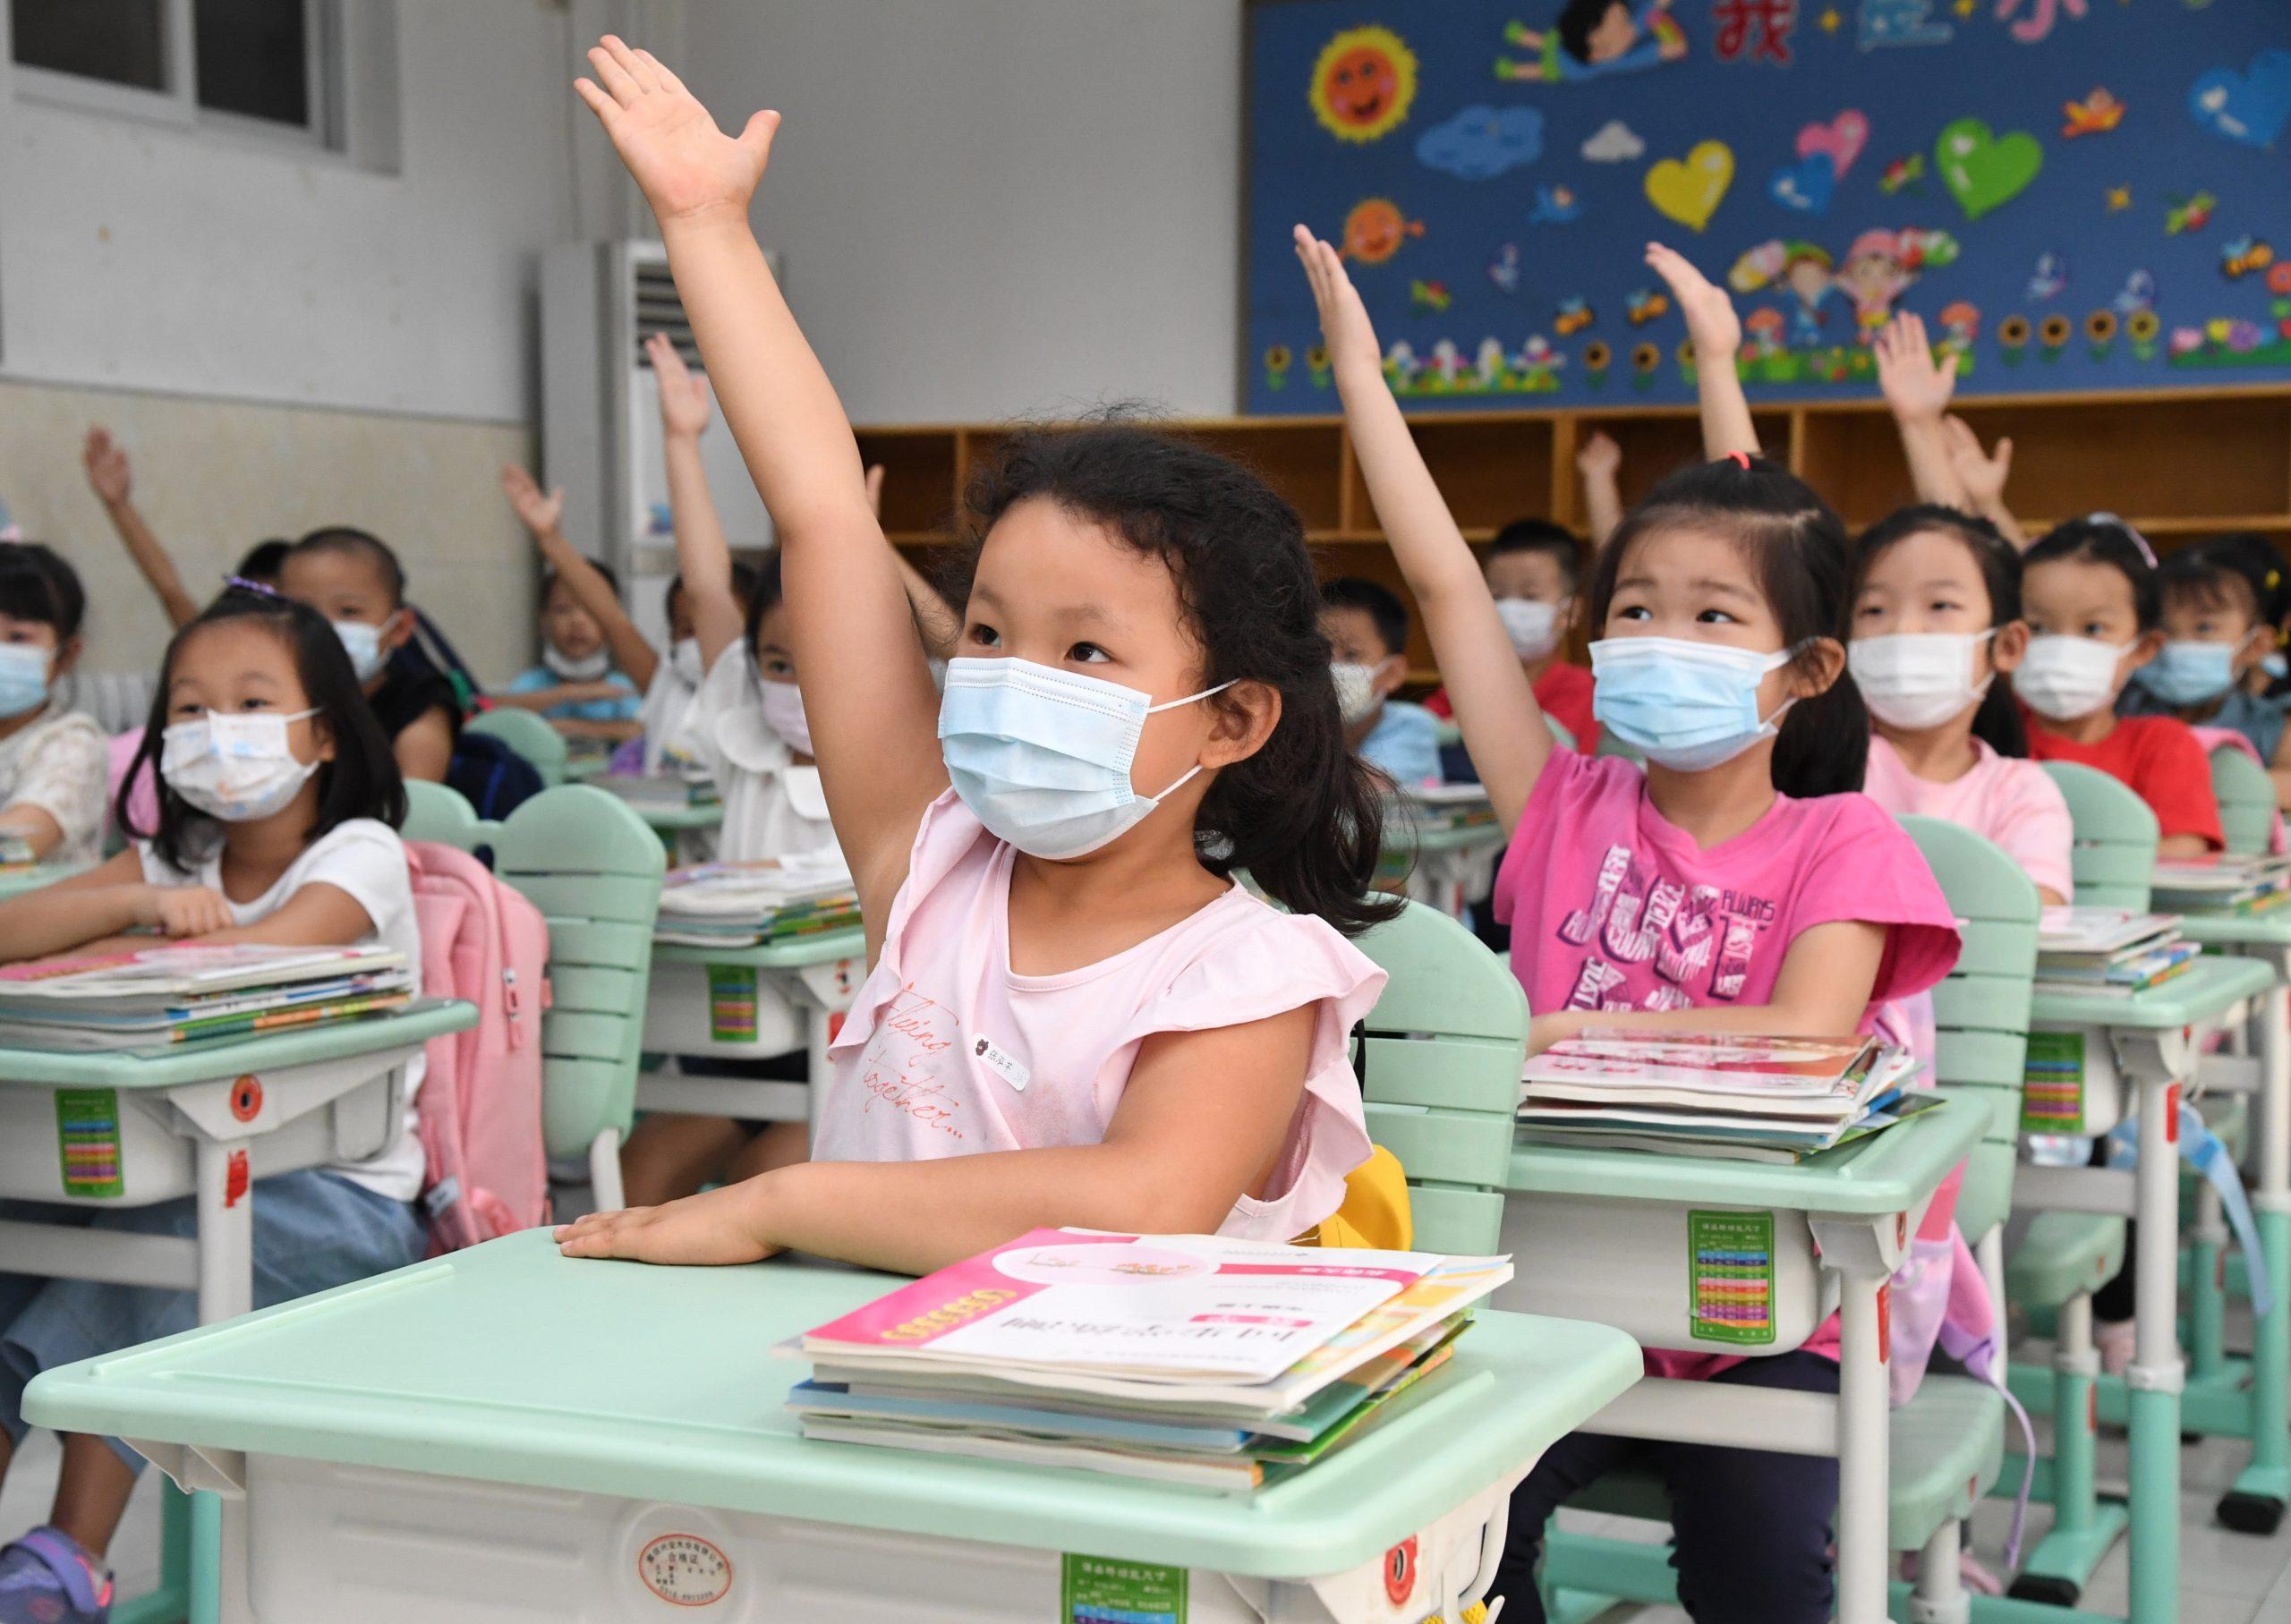 China gasta más de 5,3 billones de yuanes en educación en 2020